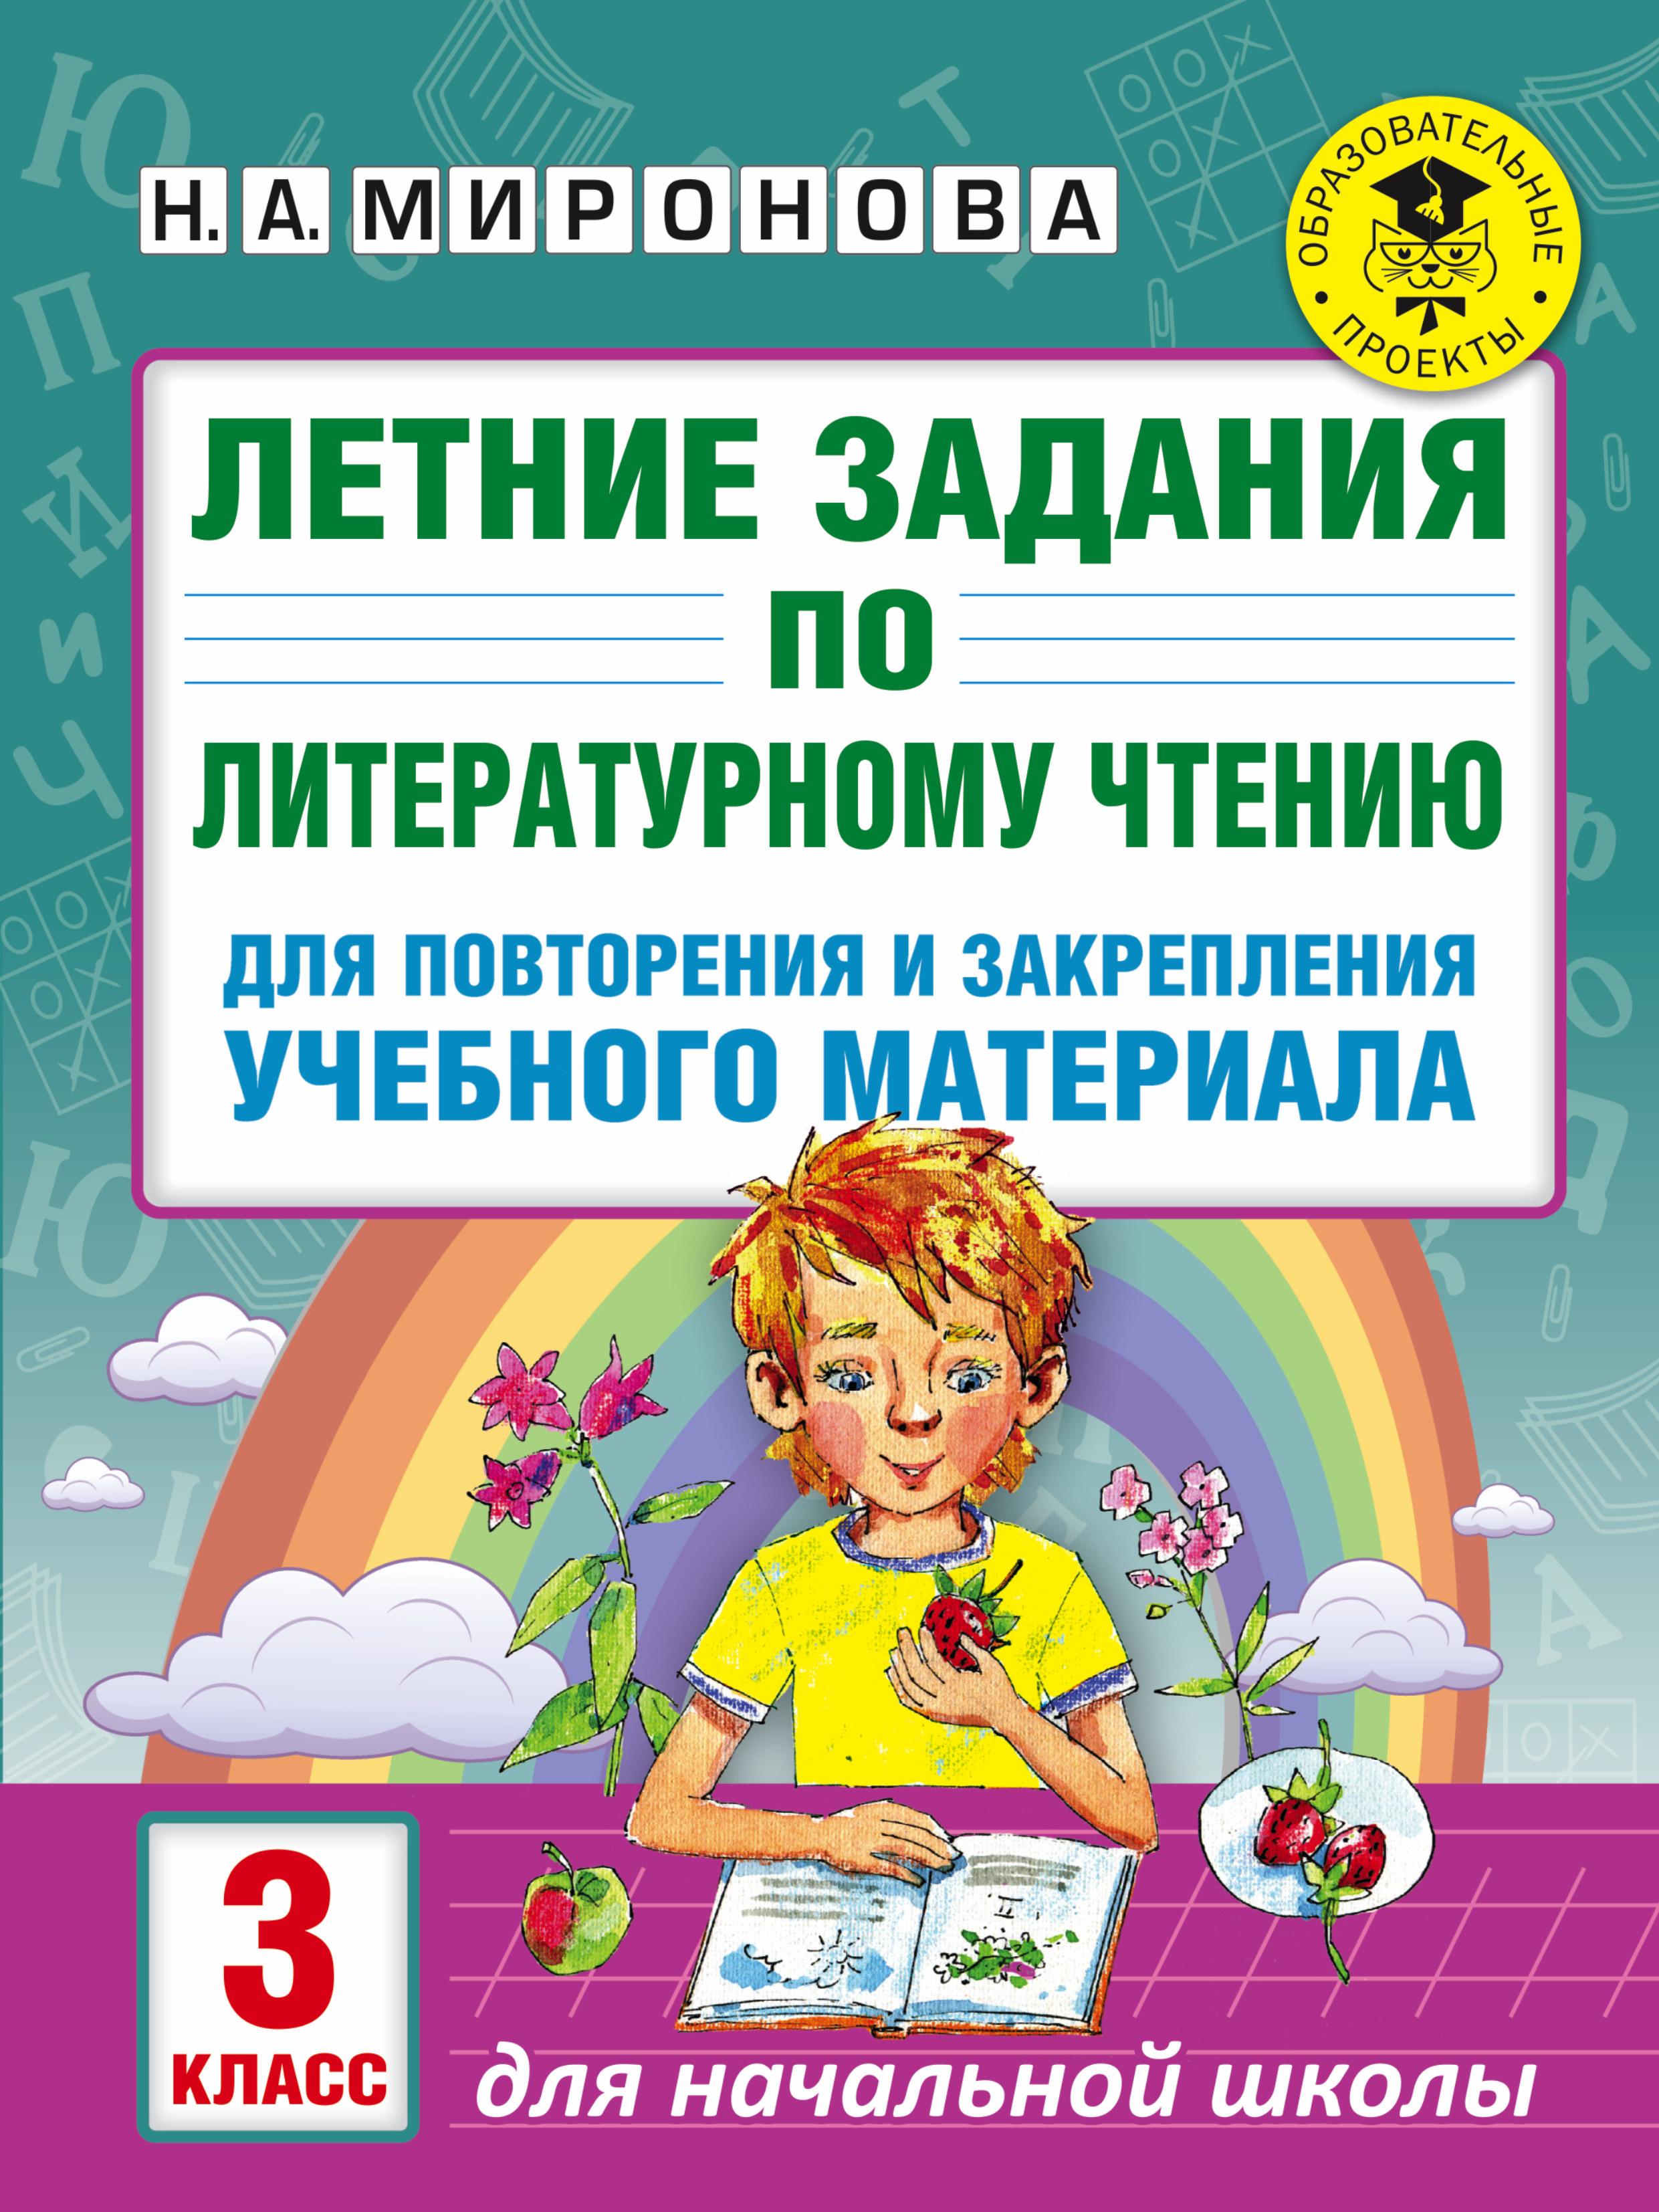 Летние задания по литературному чтению для повторения и закрепления учебного материала. 3 класс ( Миронова Н.А.  )